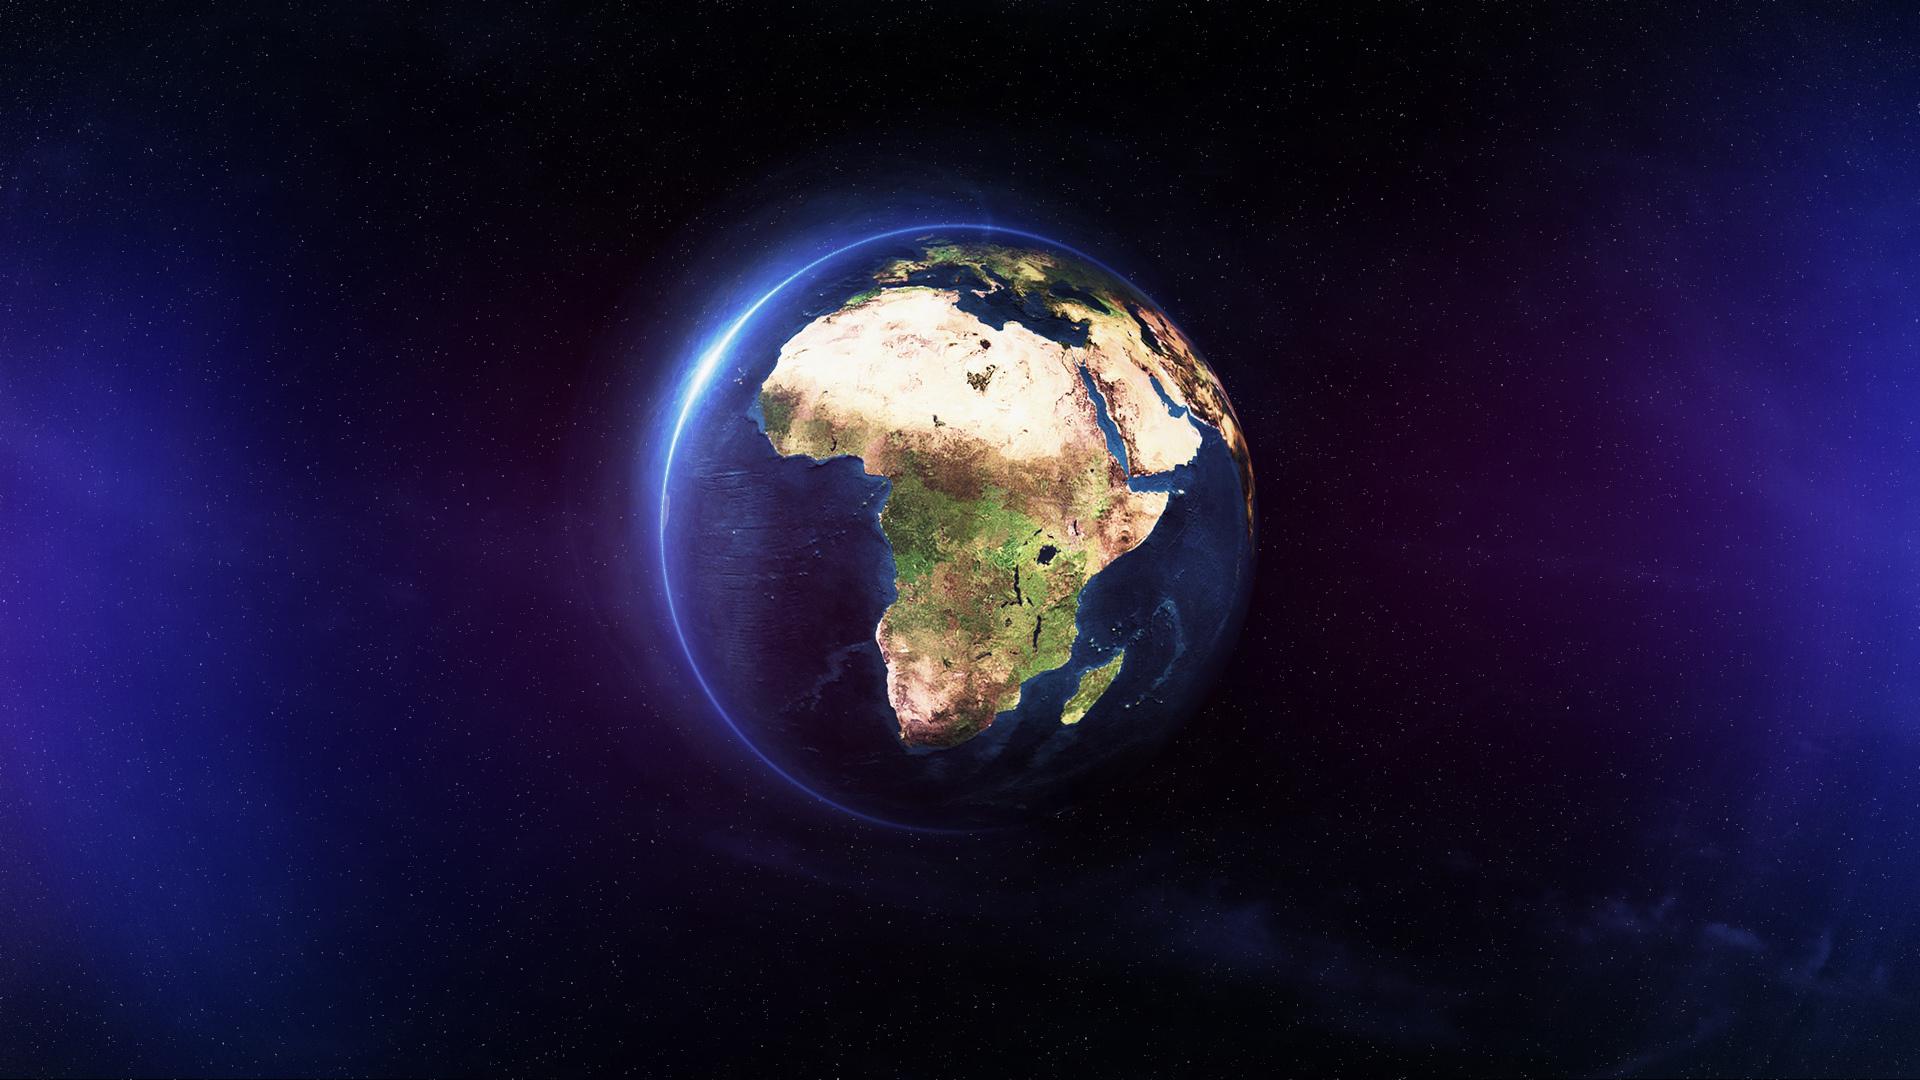 Обои мадагаскар, земля, африка. Космос foto 7